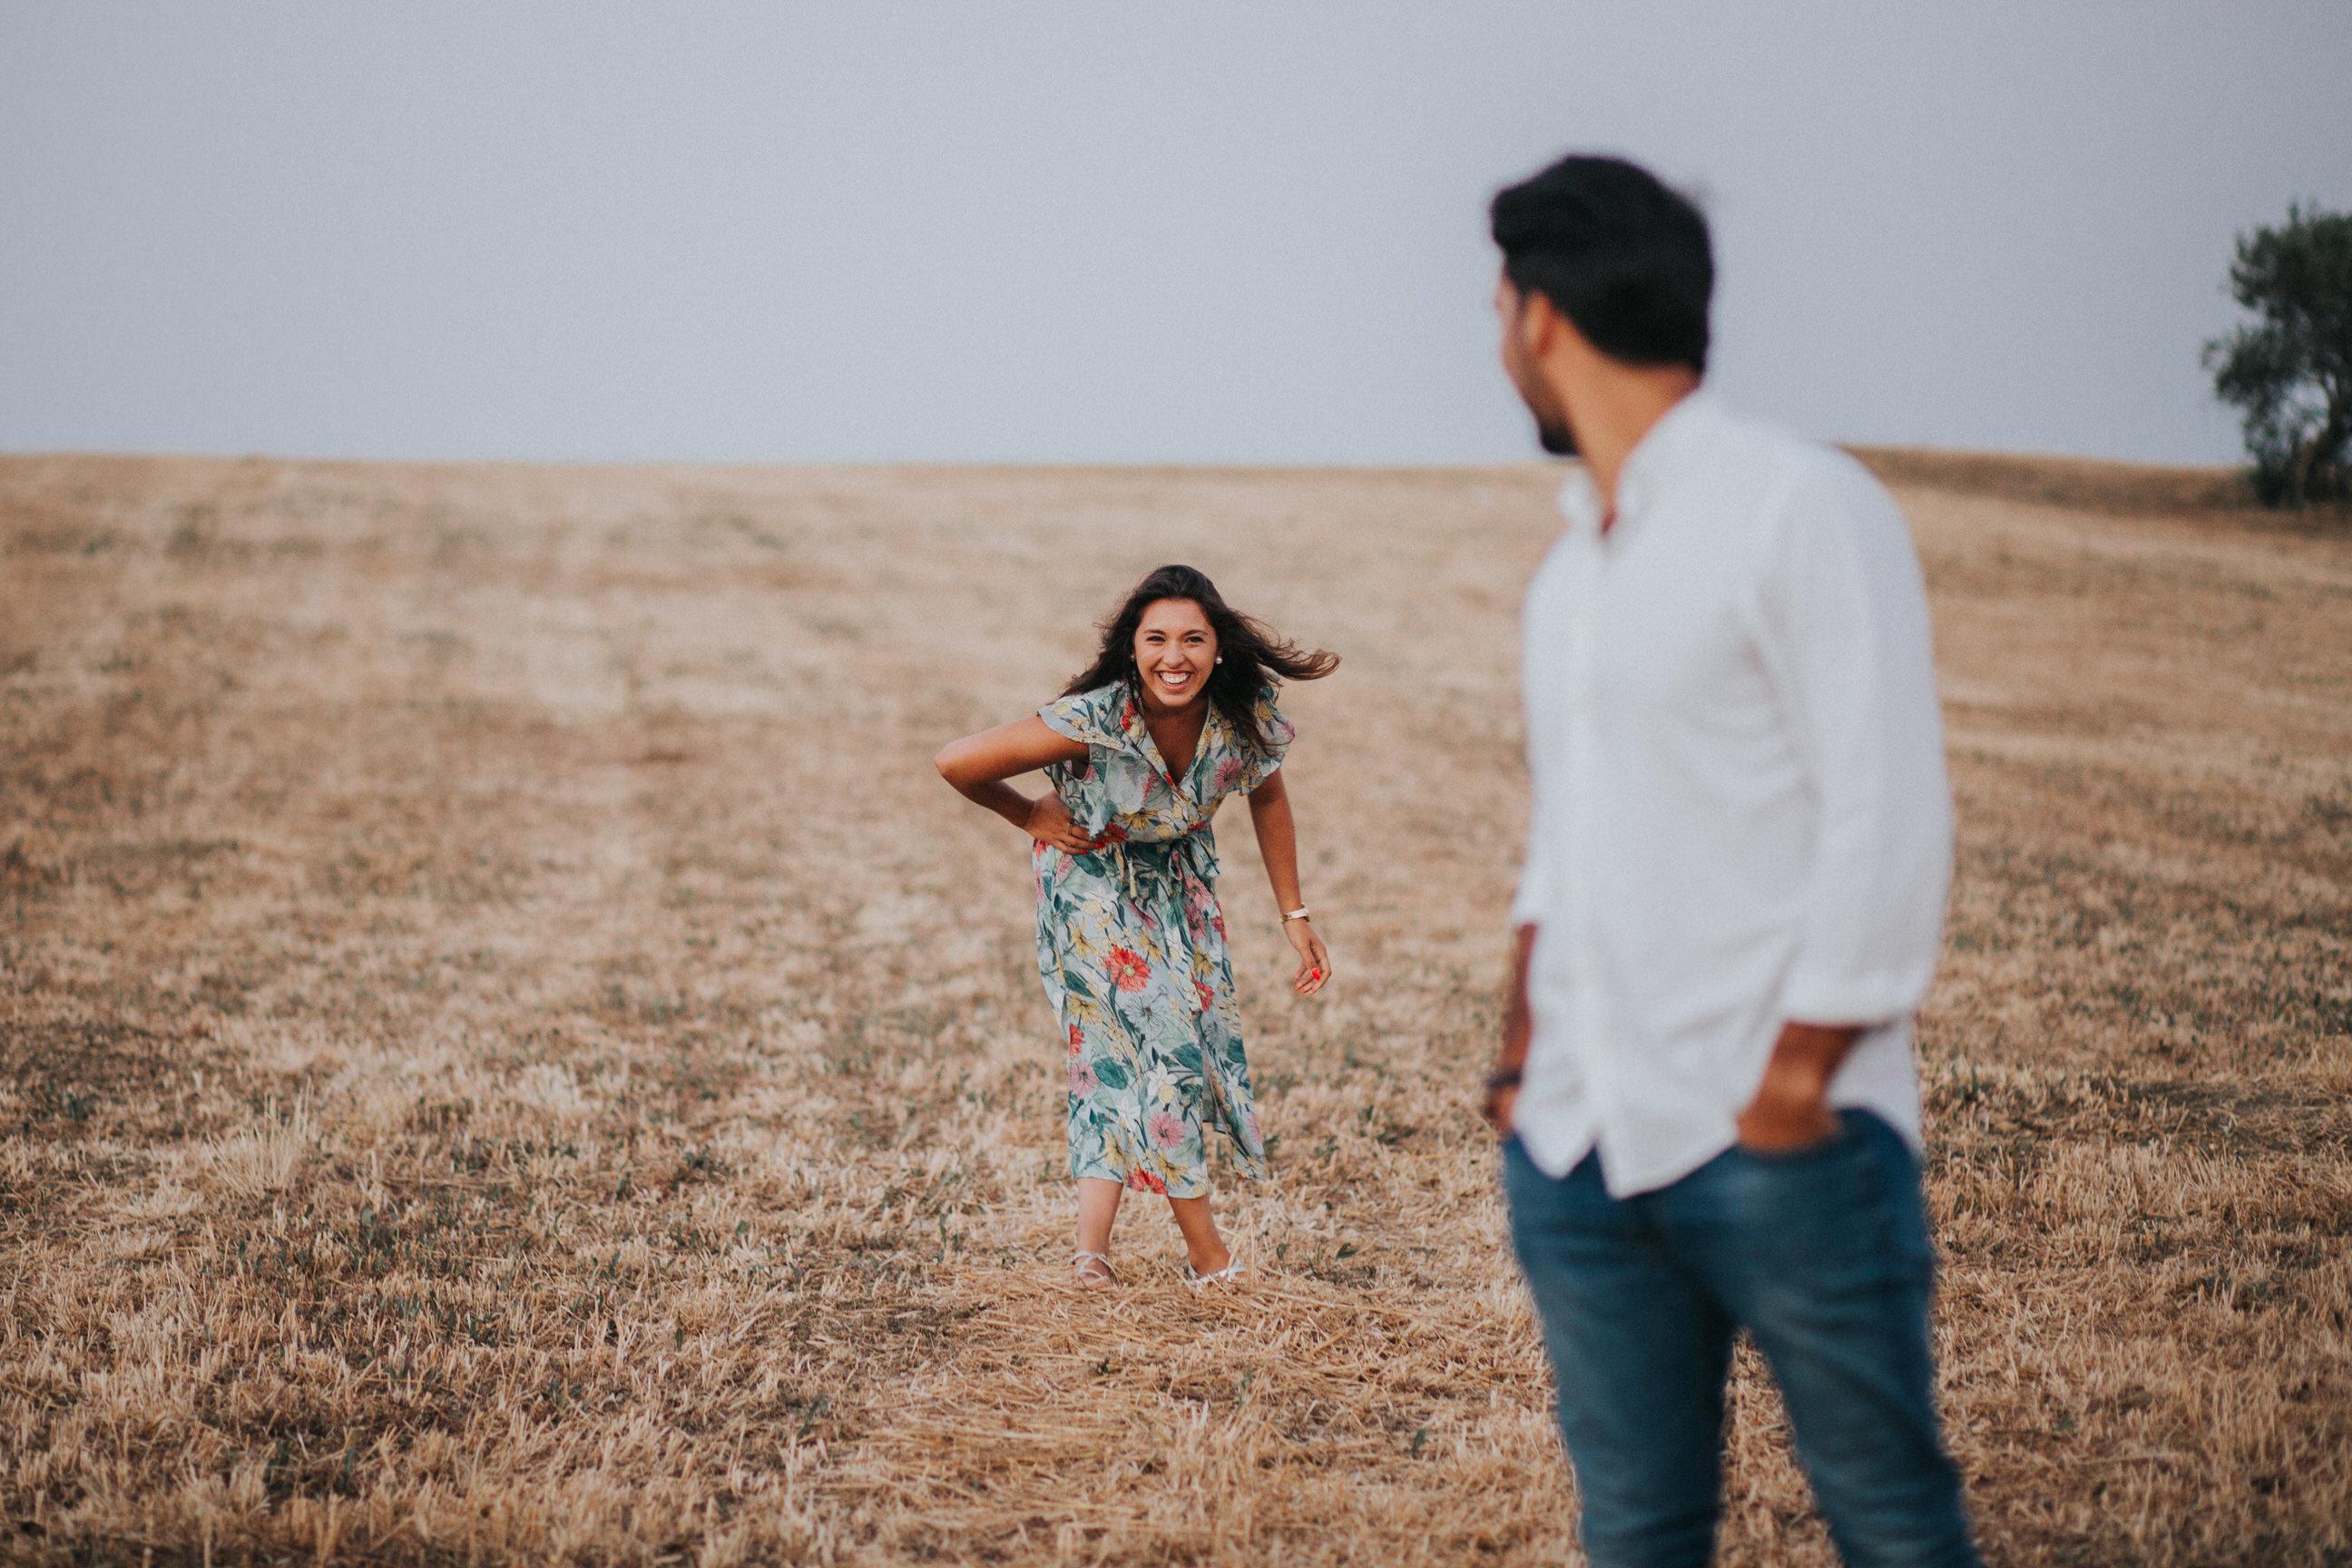 37 Cristiana&André-engagement-love-session-solteiros-noivado-foto-natural-Filipe-Santiago-Fotografia-Lisboa-Sintra-Mafra-Malveira-Torres-Vedras-Fotografos-aldeia